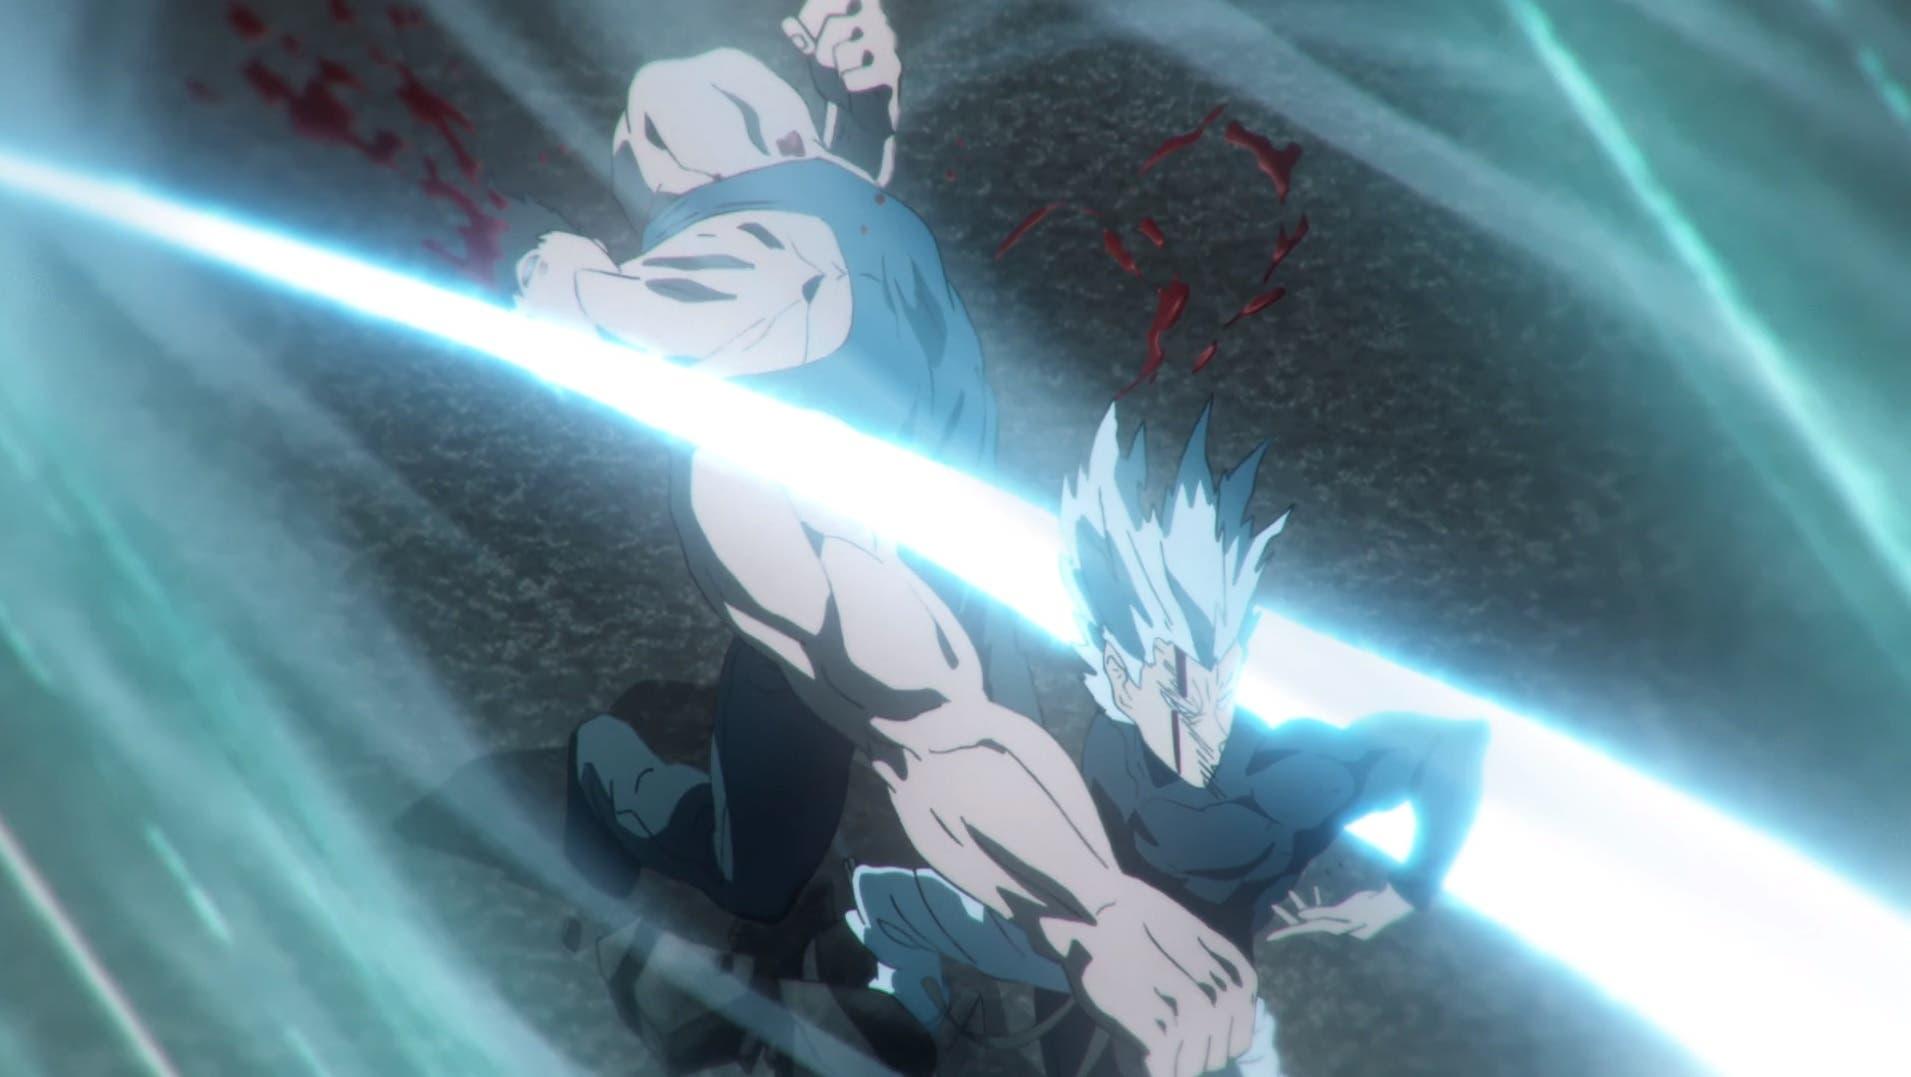 Crítica del episodio 3 de One Punch Man 2: Cazando héroes